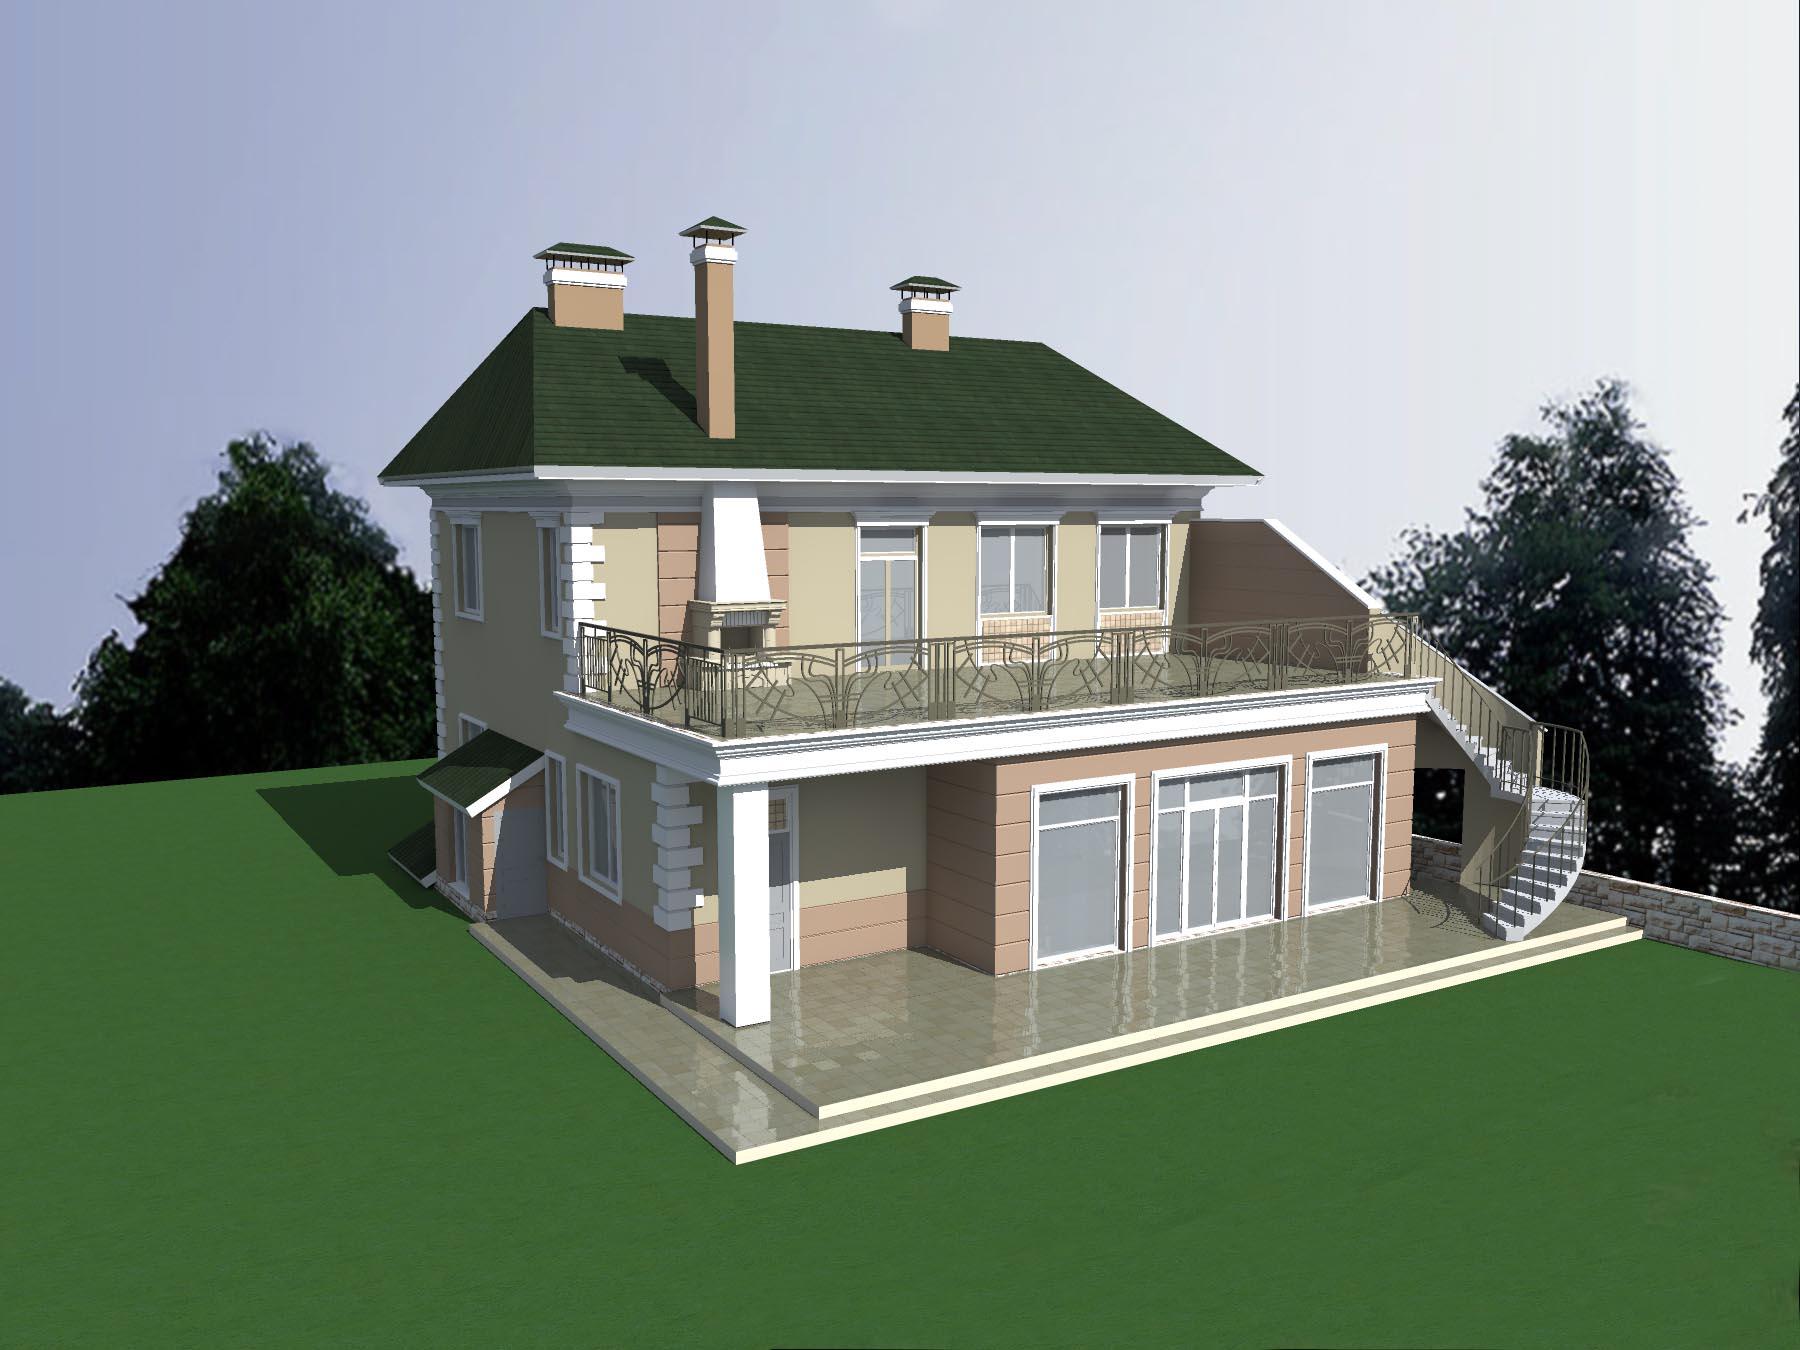 Двухэтажный кирпичный коттедж с подвалом (DWG)